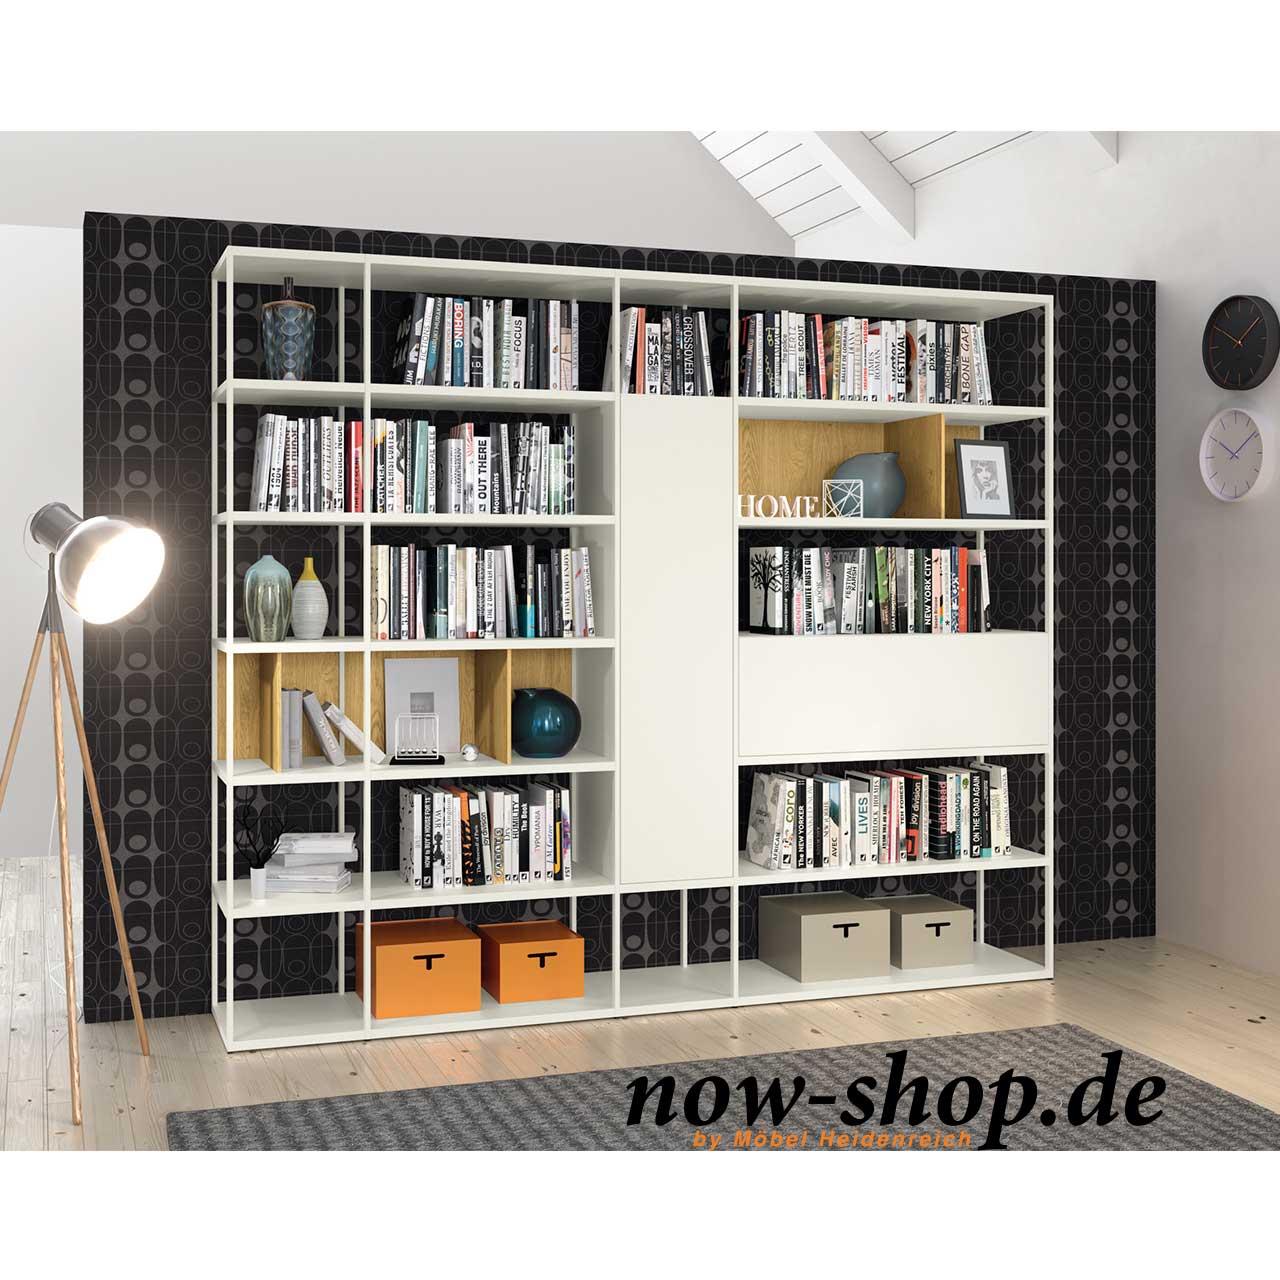 Now By Hülsta Vision Wohnwand Vk Wohnwände Wohnen Now Shop